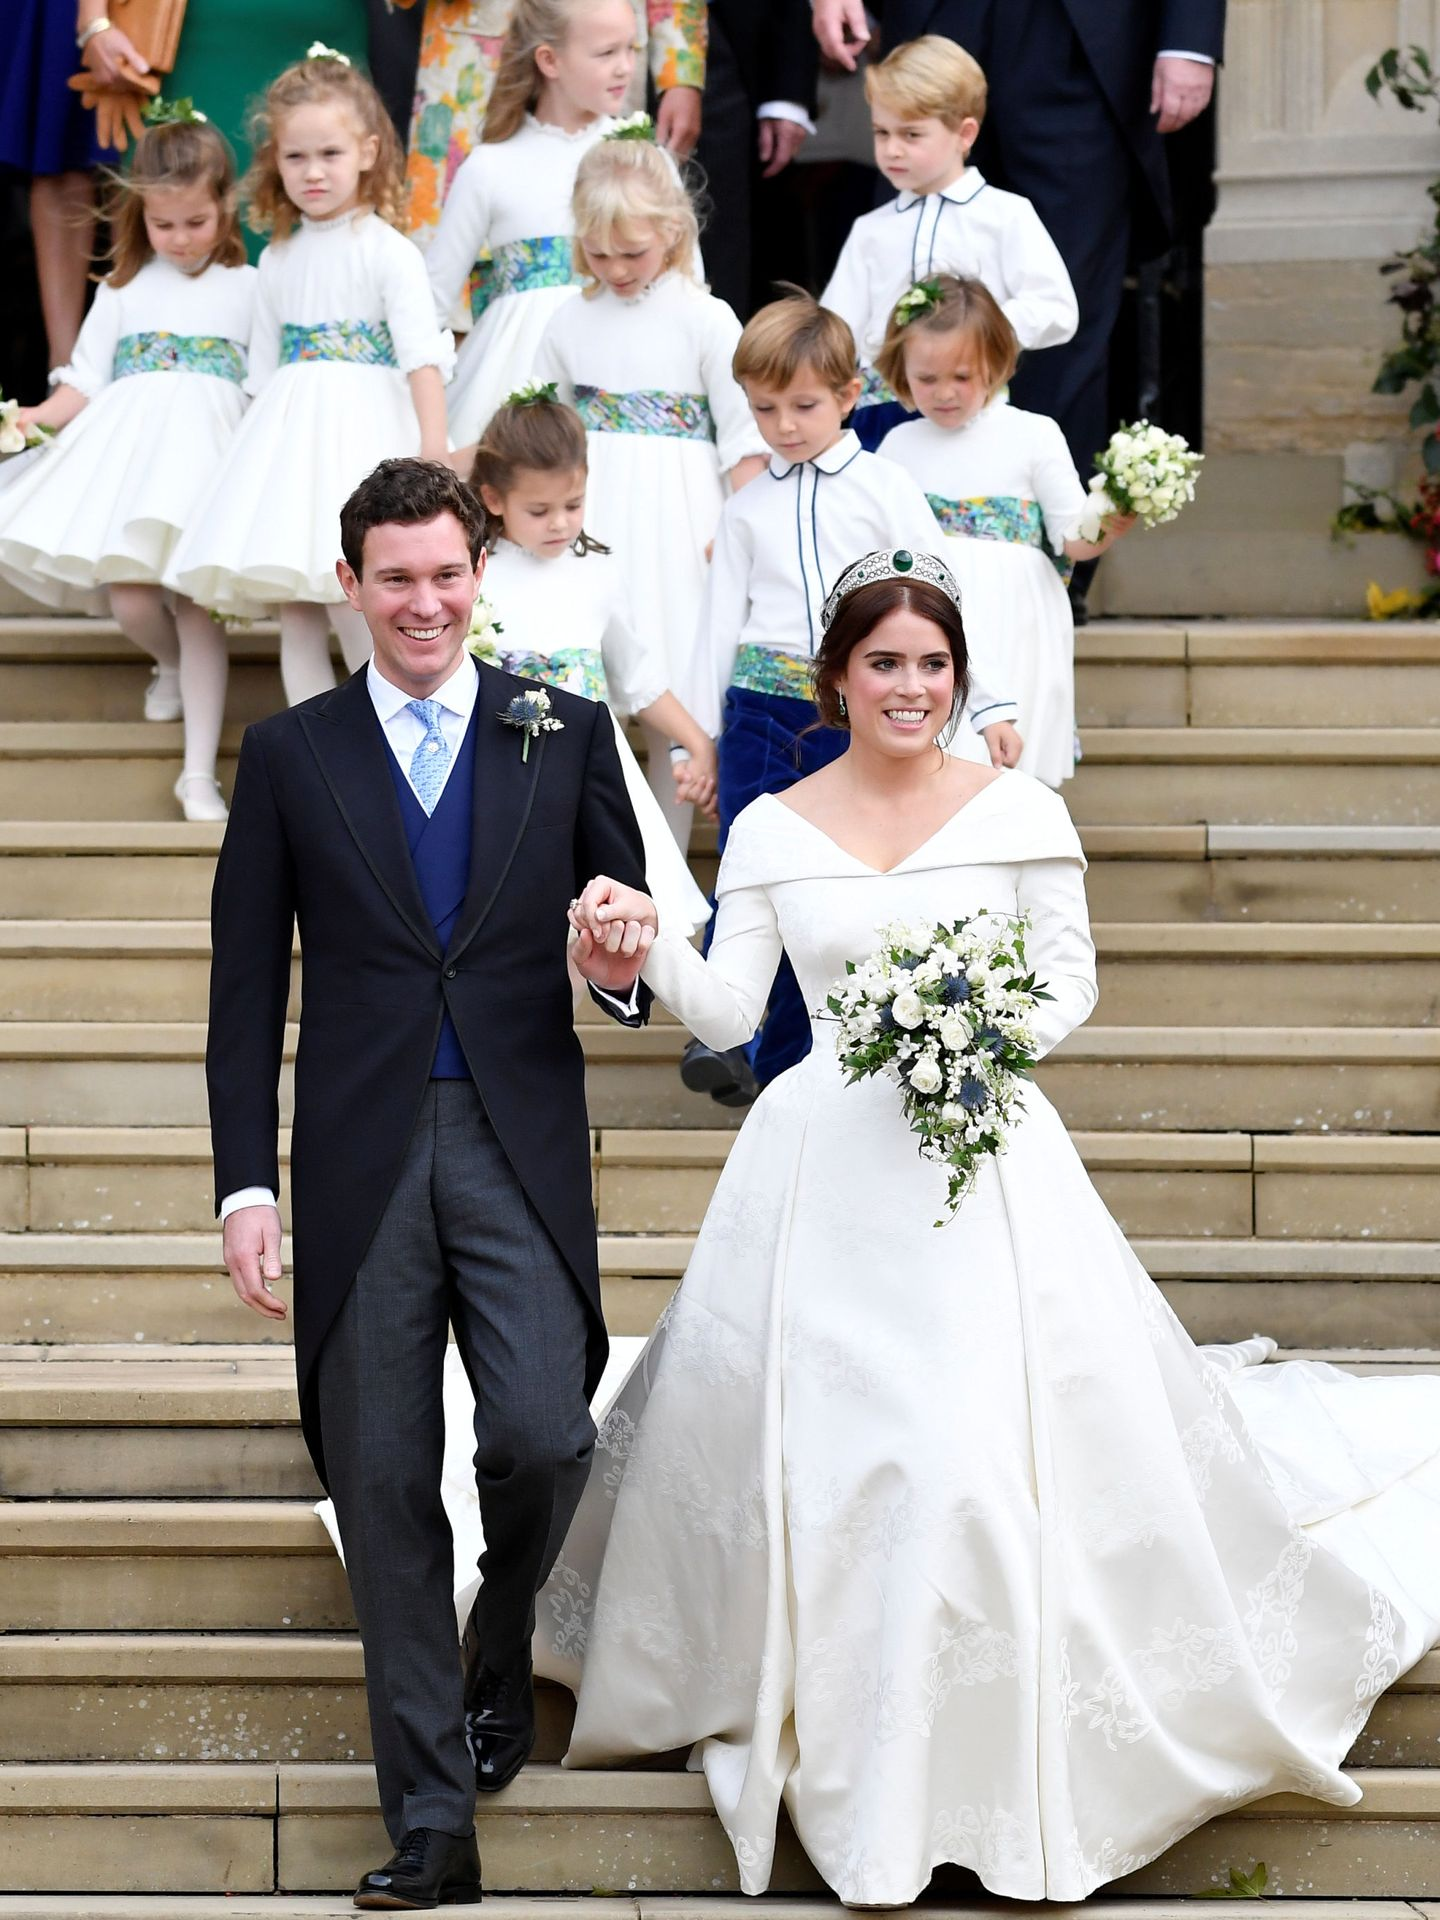 La boda de Eugenia y Jack Brooksbank. (Reuters)